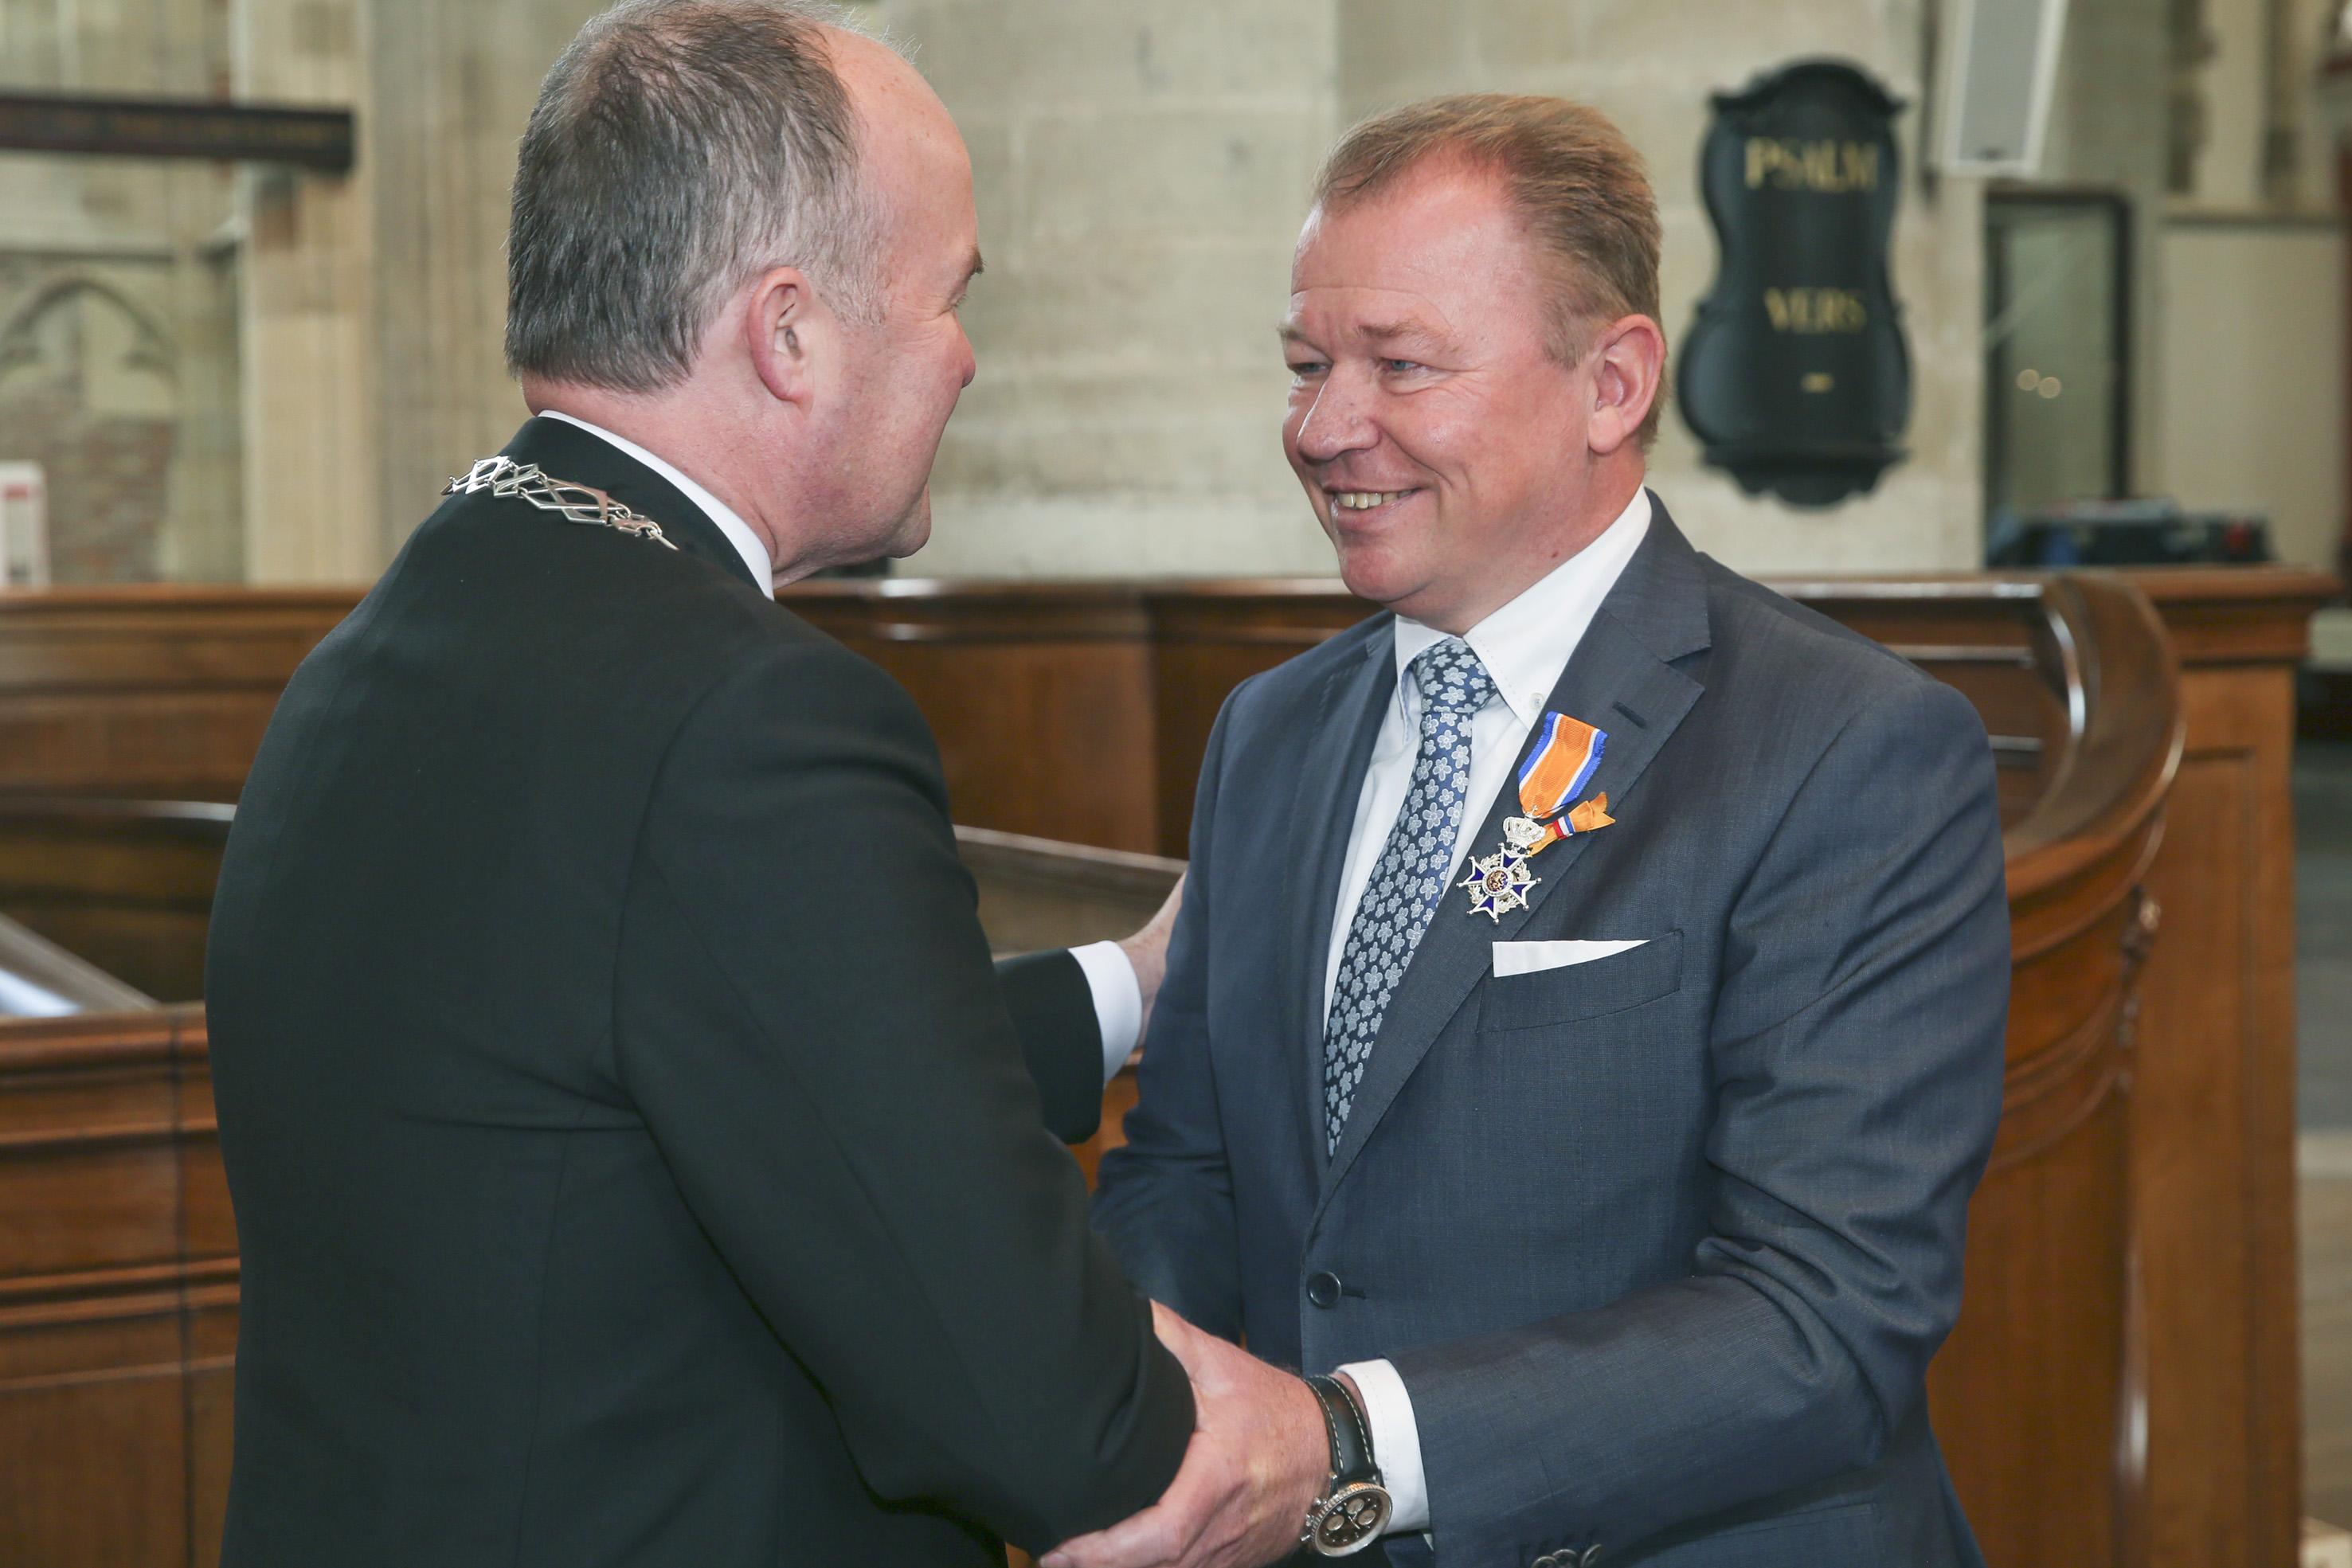 McDonald's Franchisenemer Pieter Honing (r.) ontvangt de Koninklijke onderscheiden van burgemeester Brok van Dordrecht. Bron: FranchiseFormules.NL